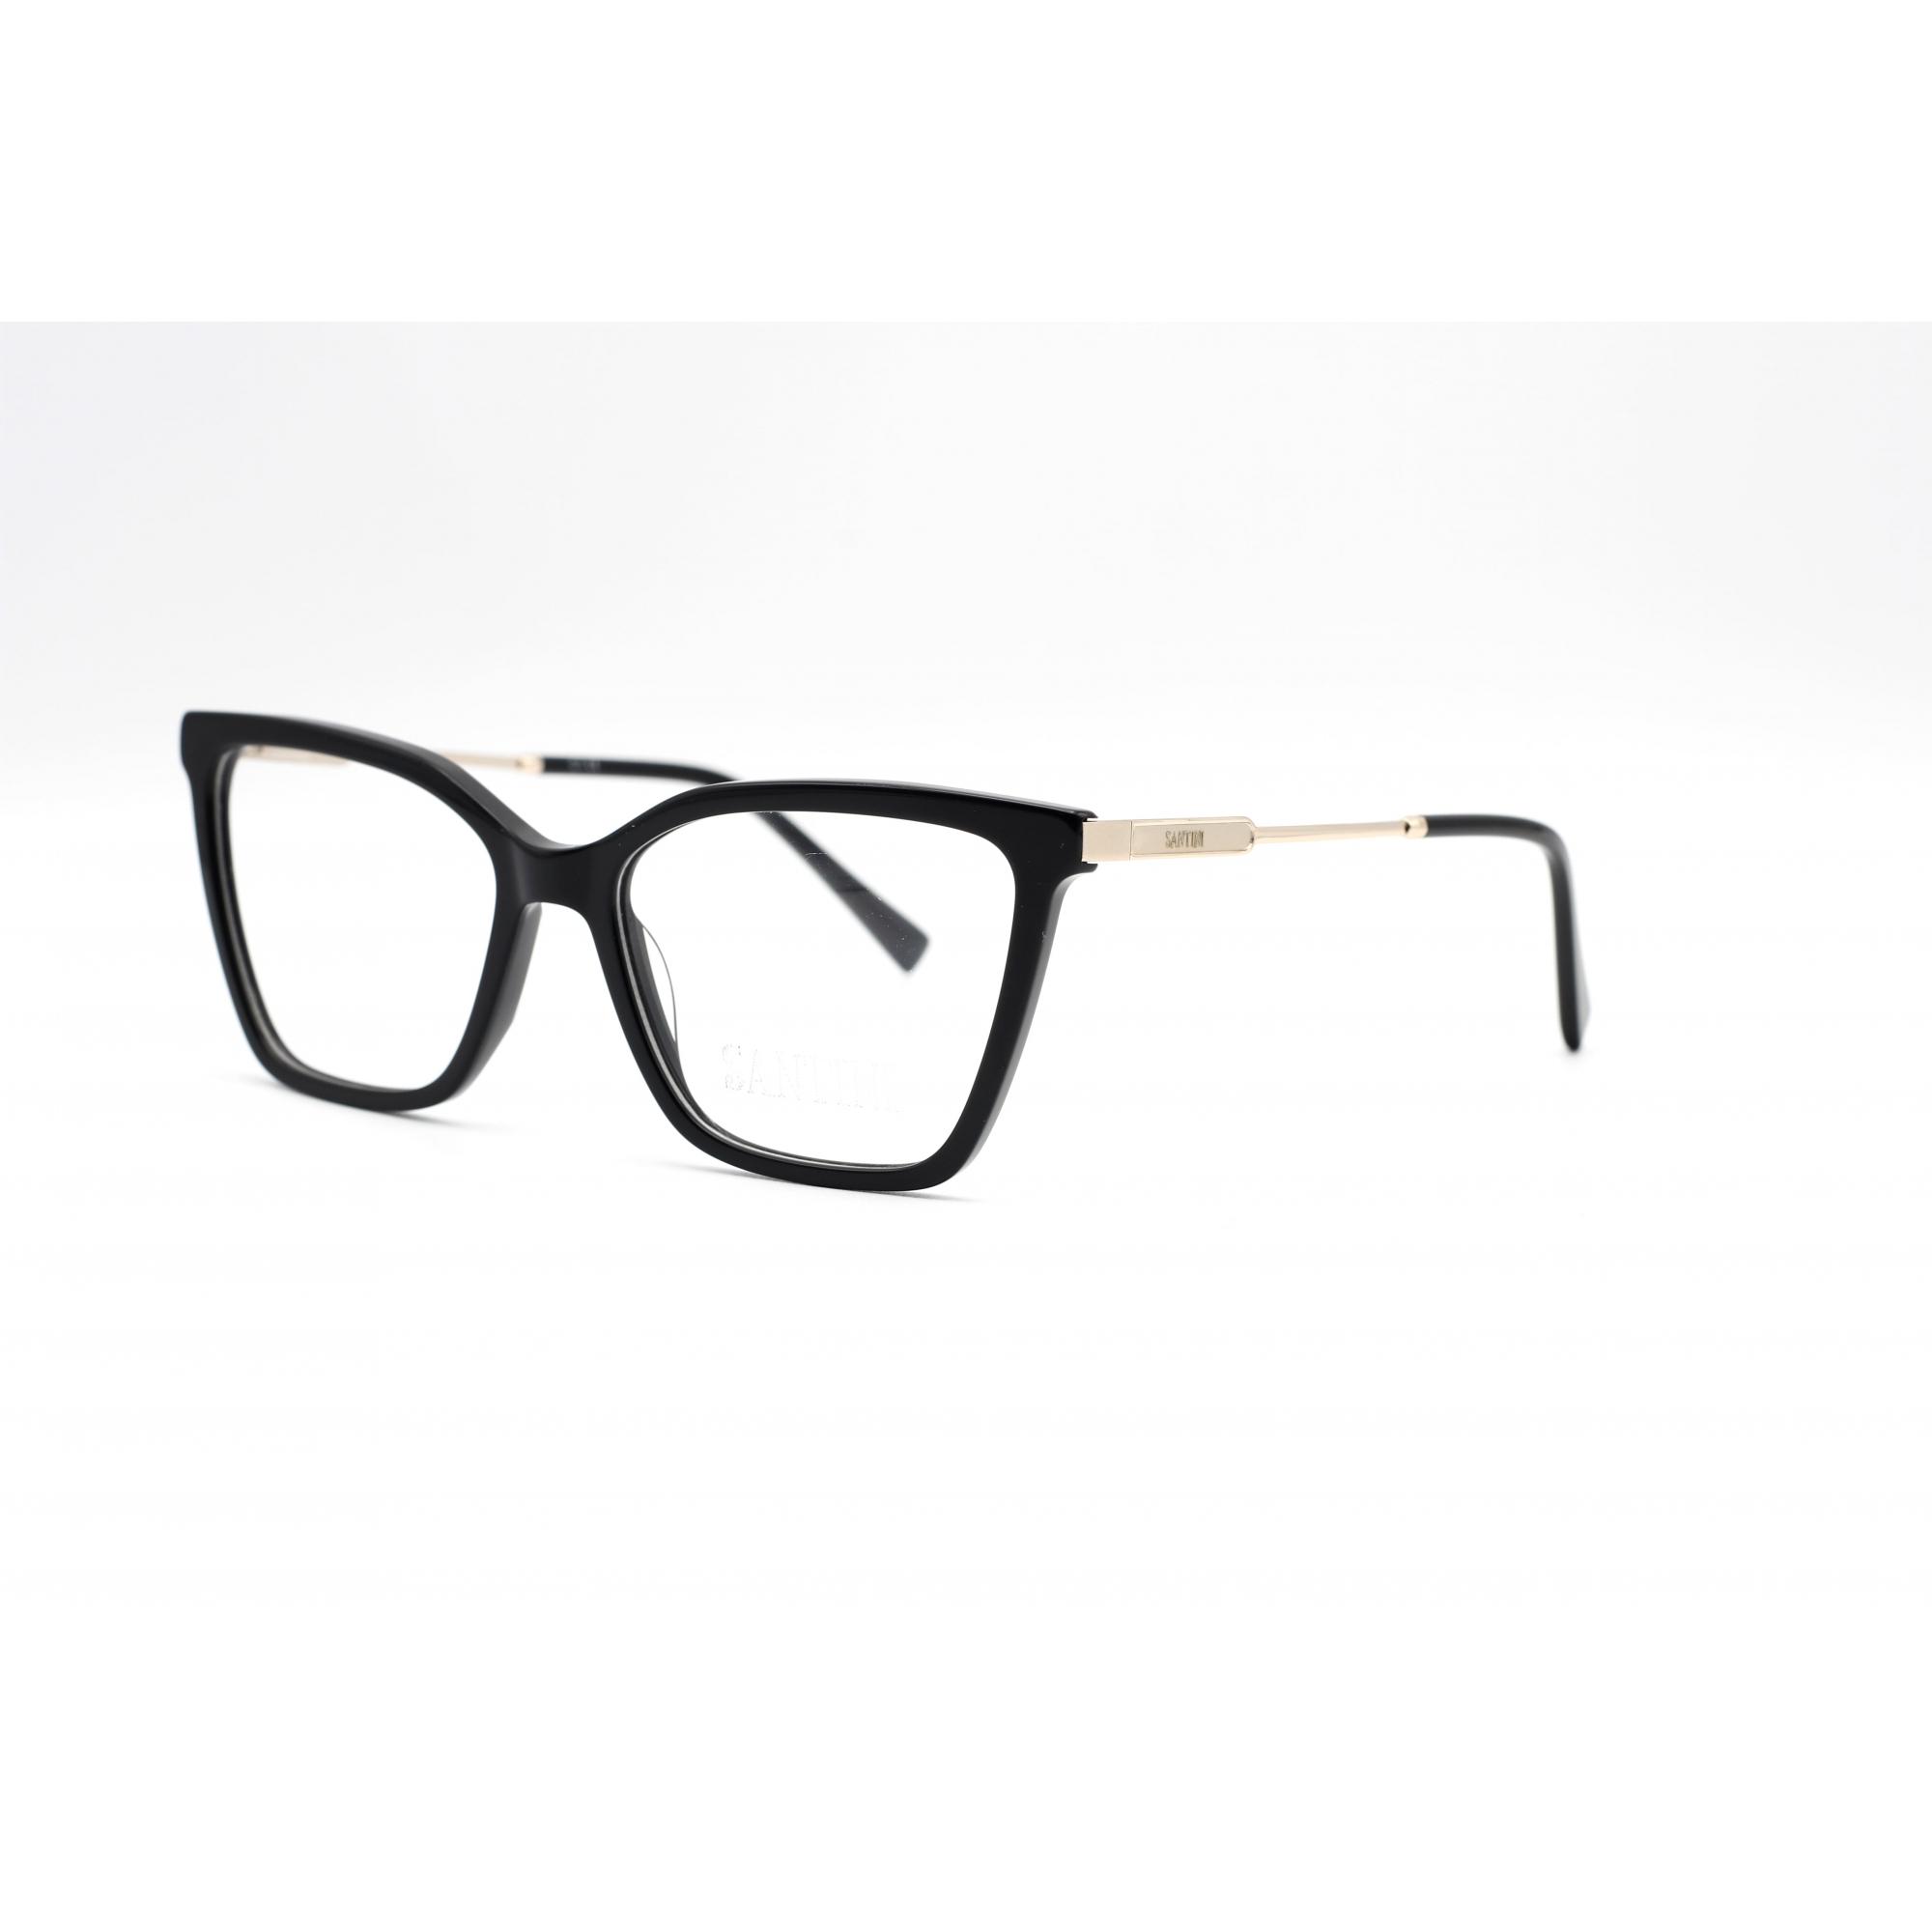 Armação com óculos sem grau, SANTINI em cor Preto Ref MB4644 C1 54